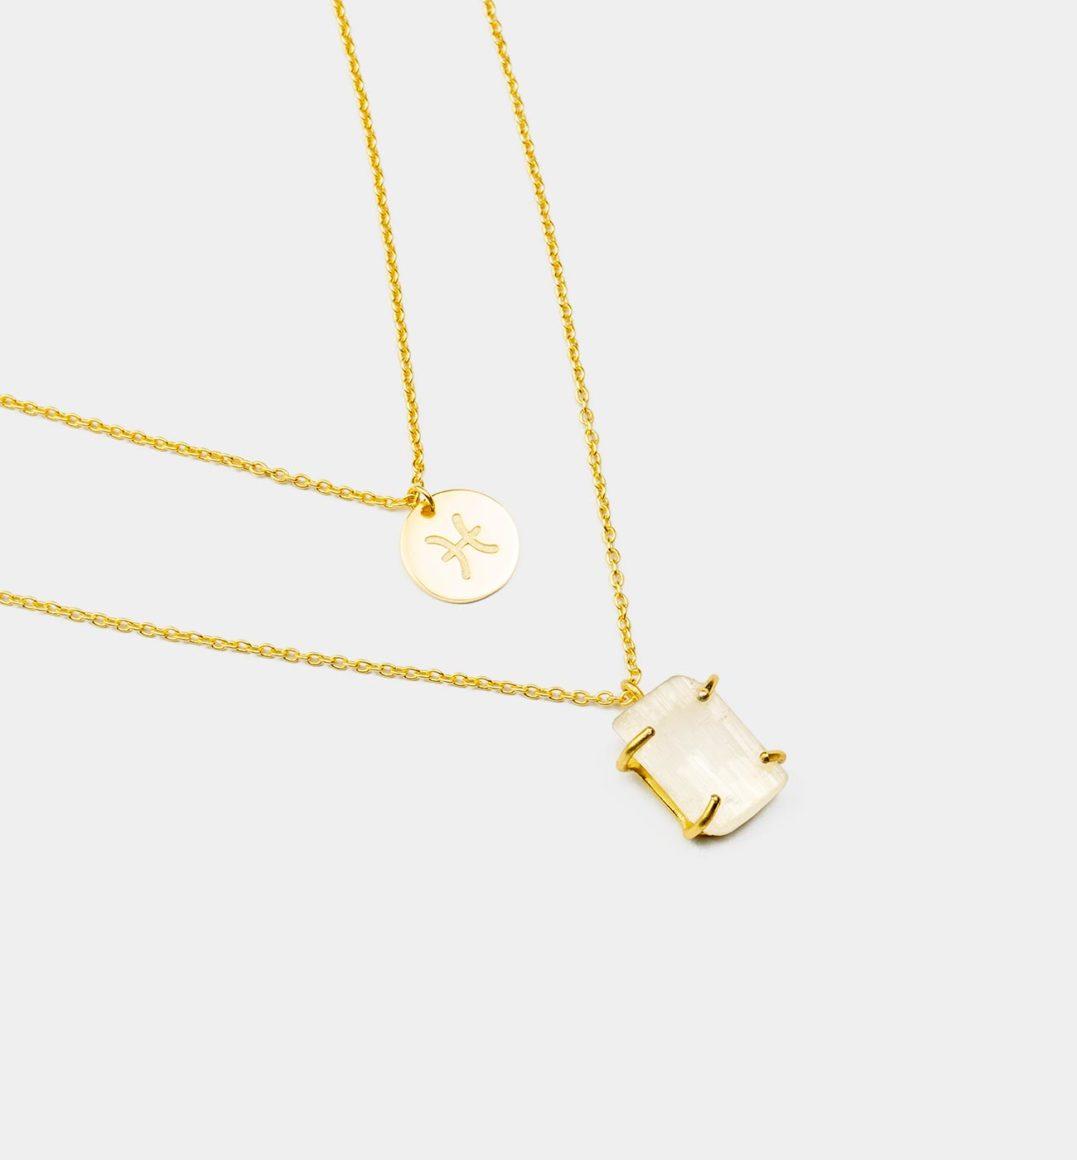 Geburtsstein Kette des Sternzeichen Fische mit Girasol und Symbol